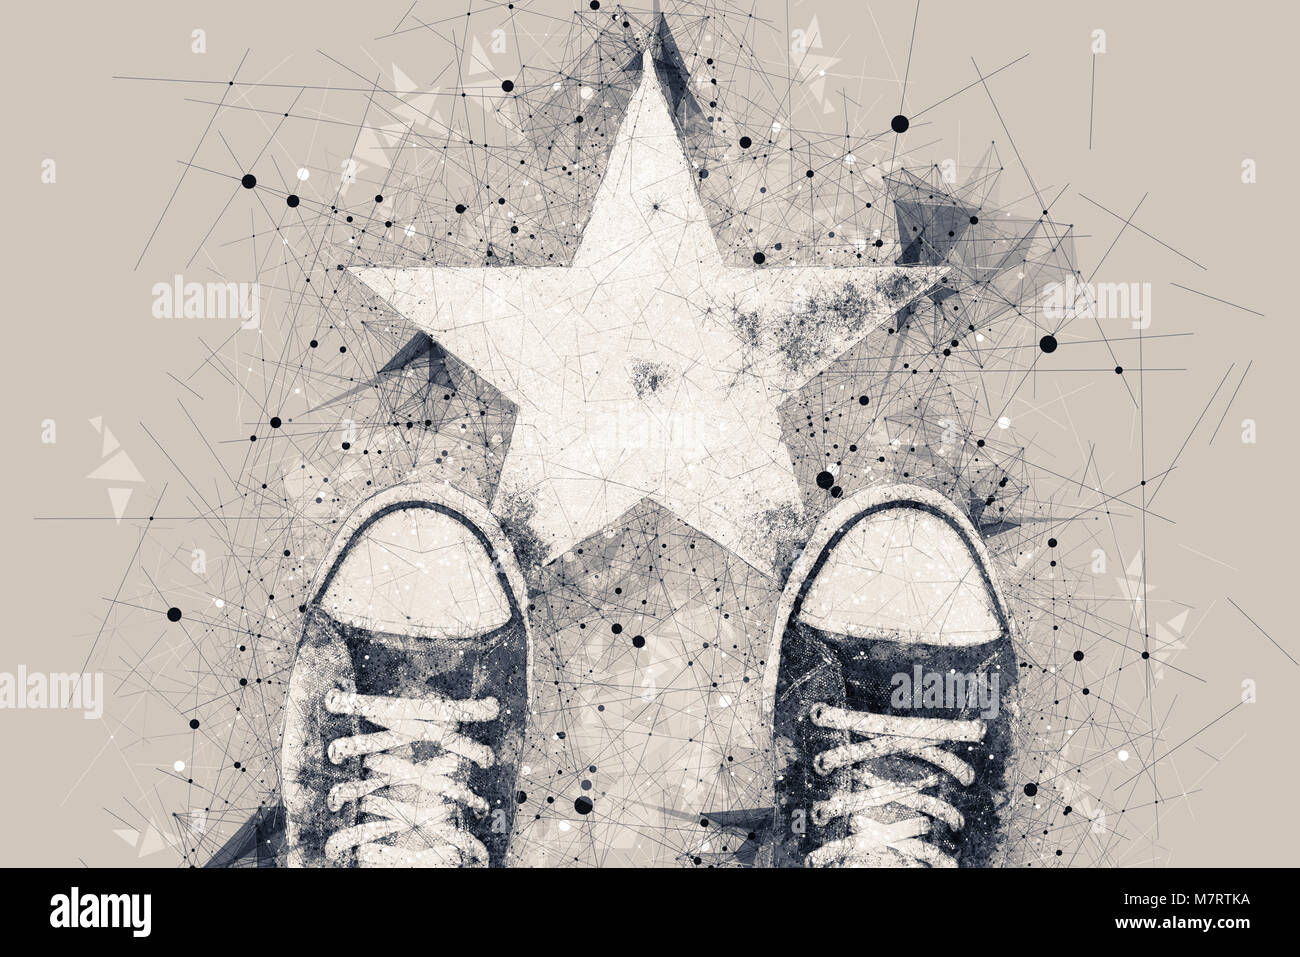 Giovane sulla strada con forma a stella imprint - talento, vip, premio e premio illustrazione concettuale Immagini Stock